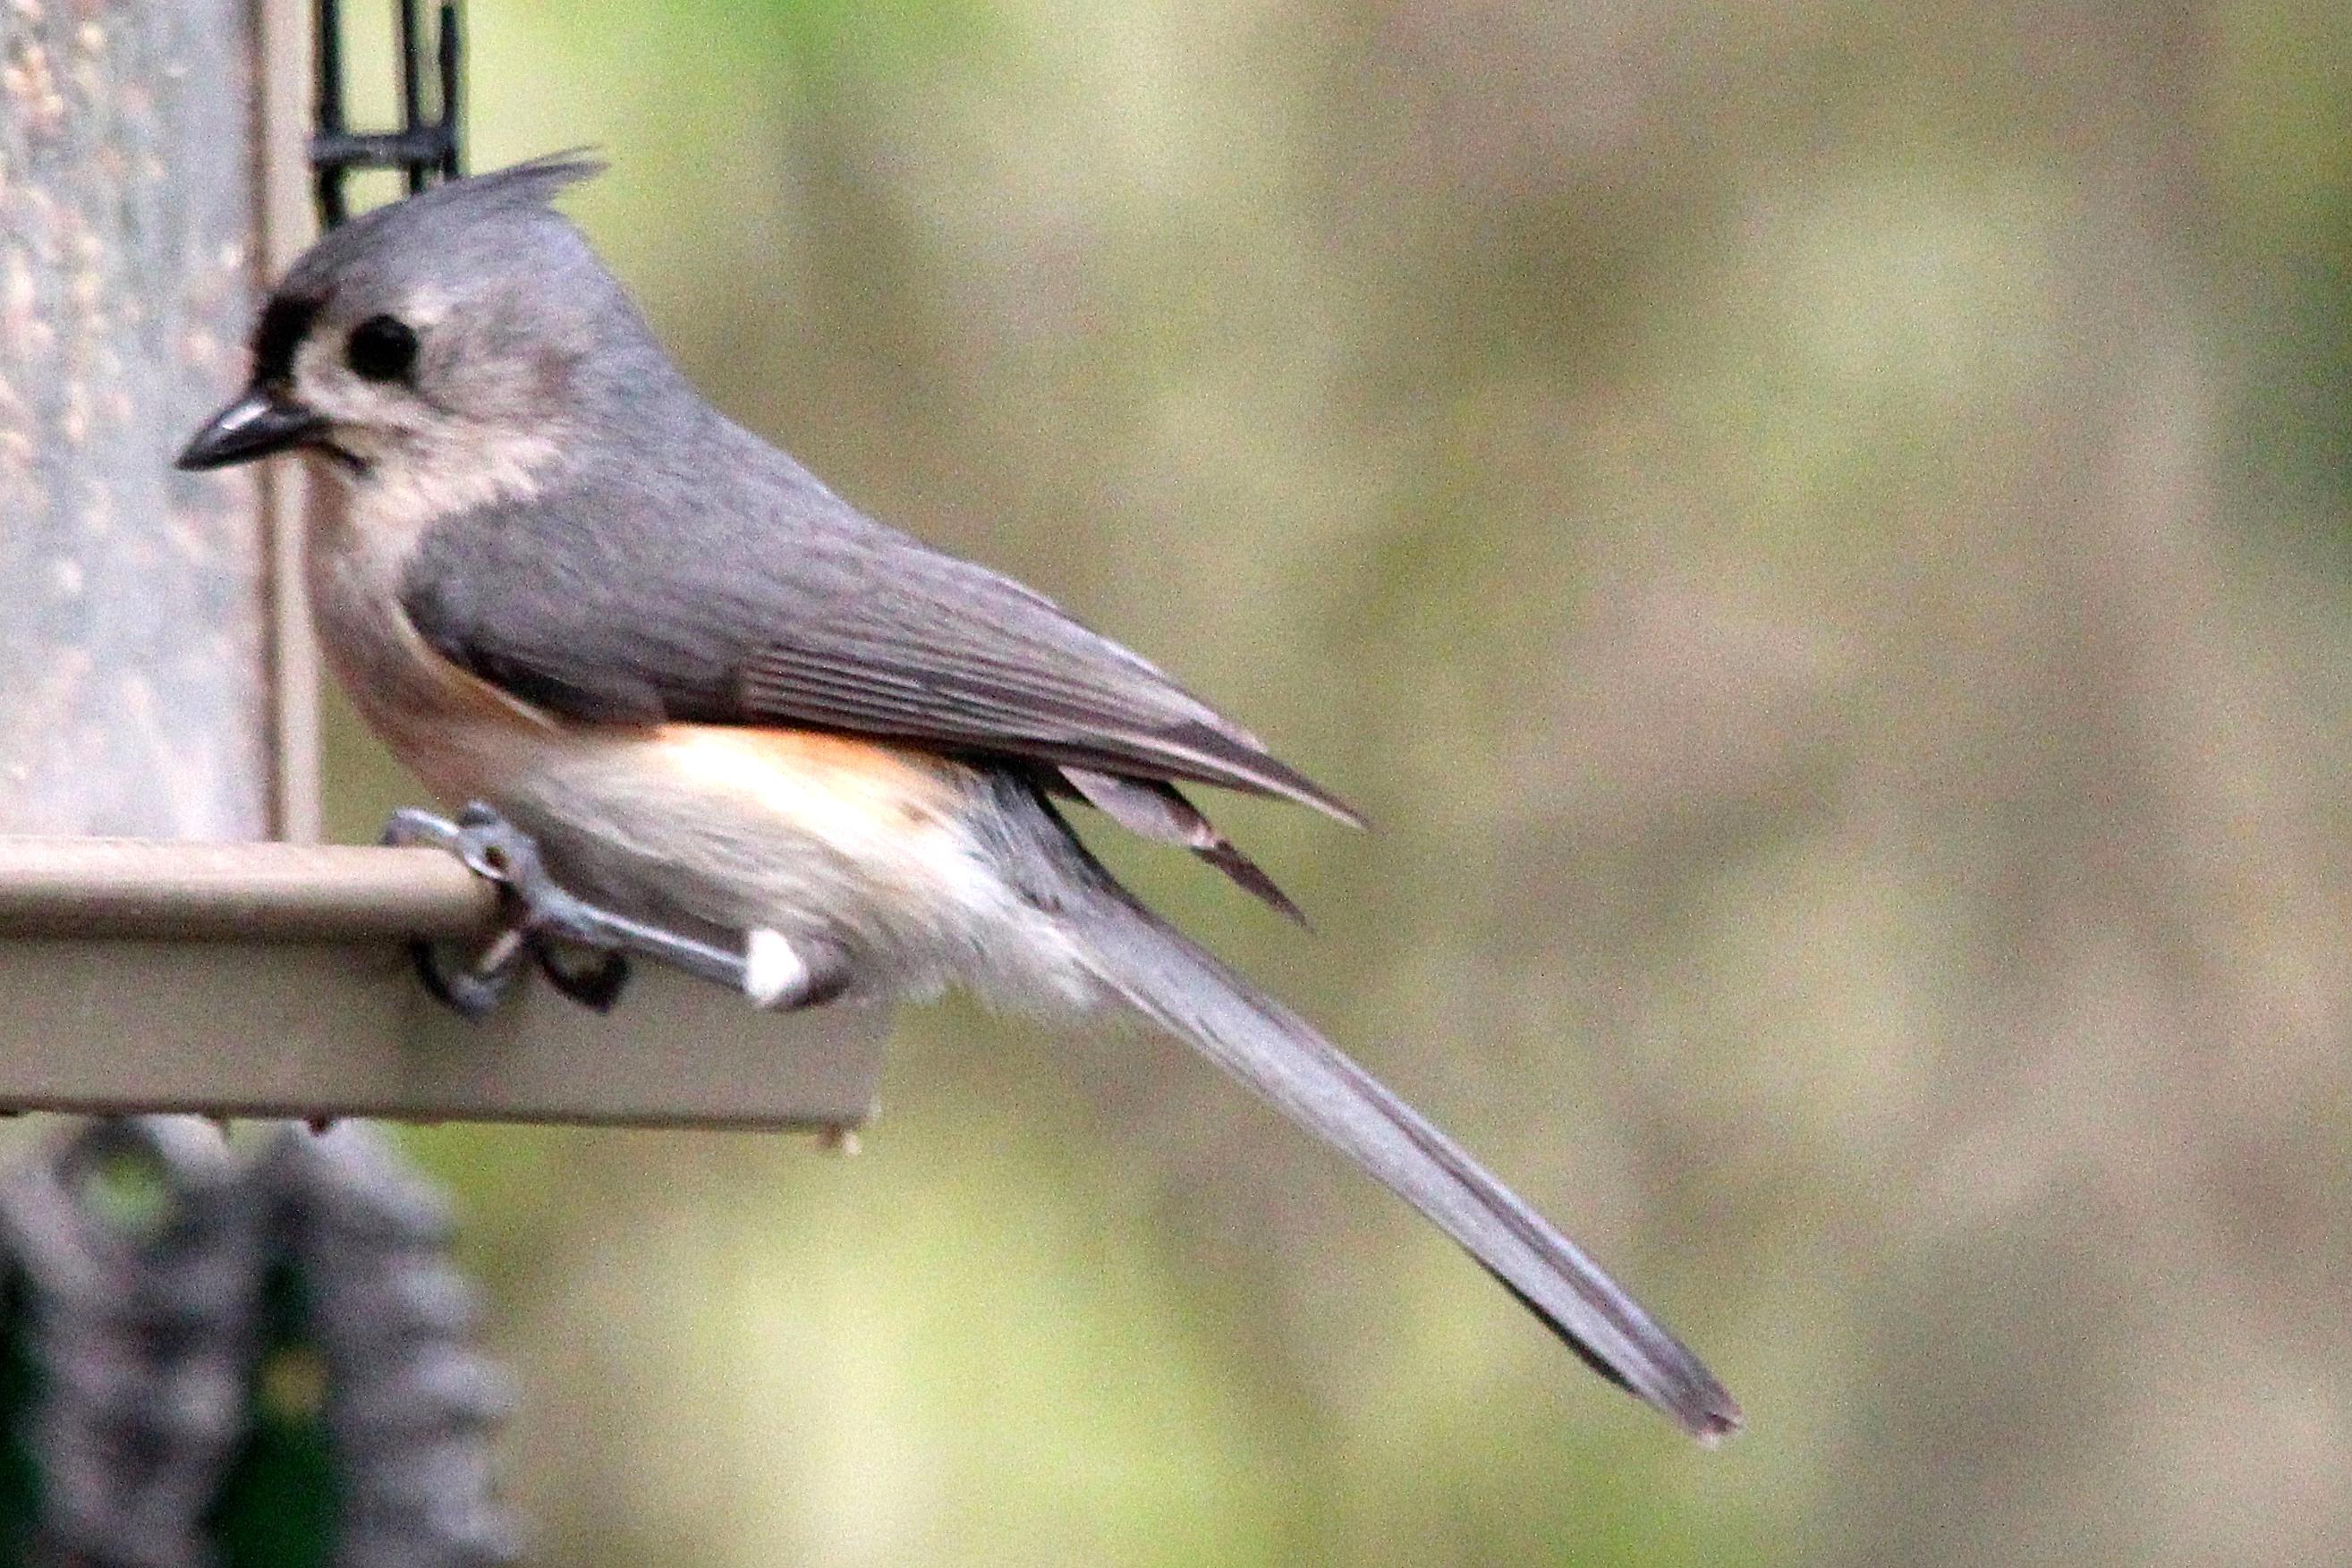 Profile of Titmouse at Bird Feeder